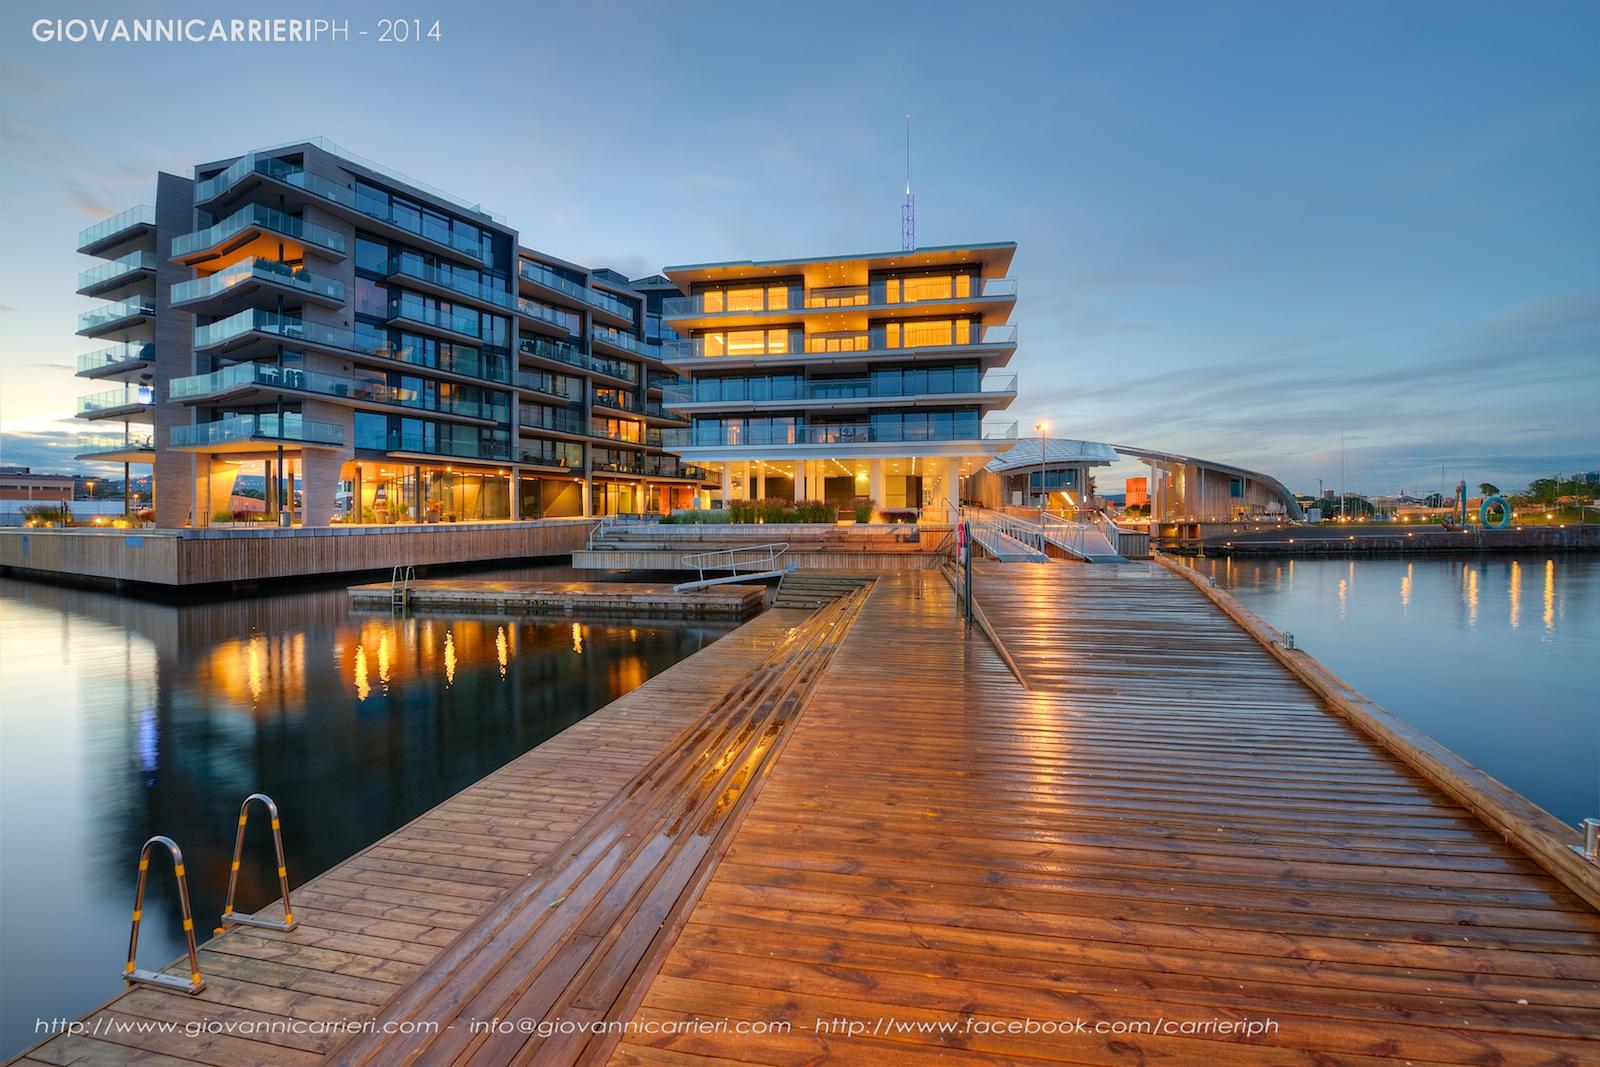 La città costruita sui fiordi vista notturna. Oslo